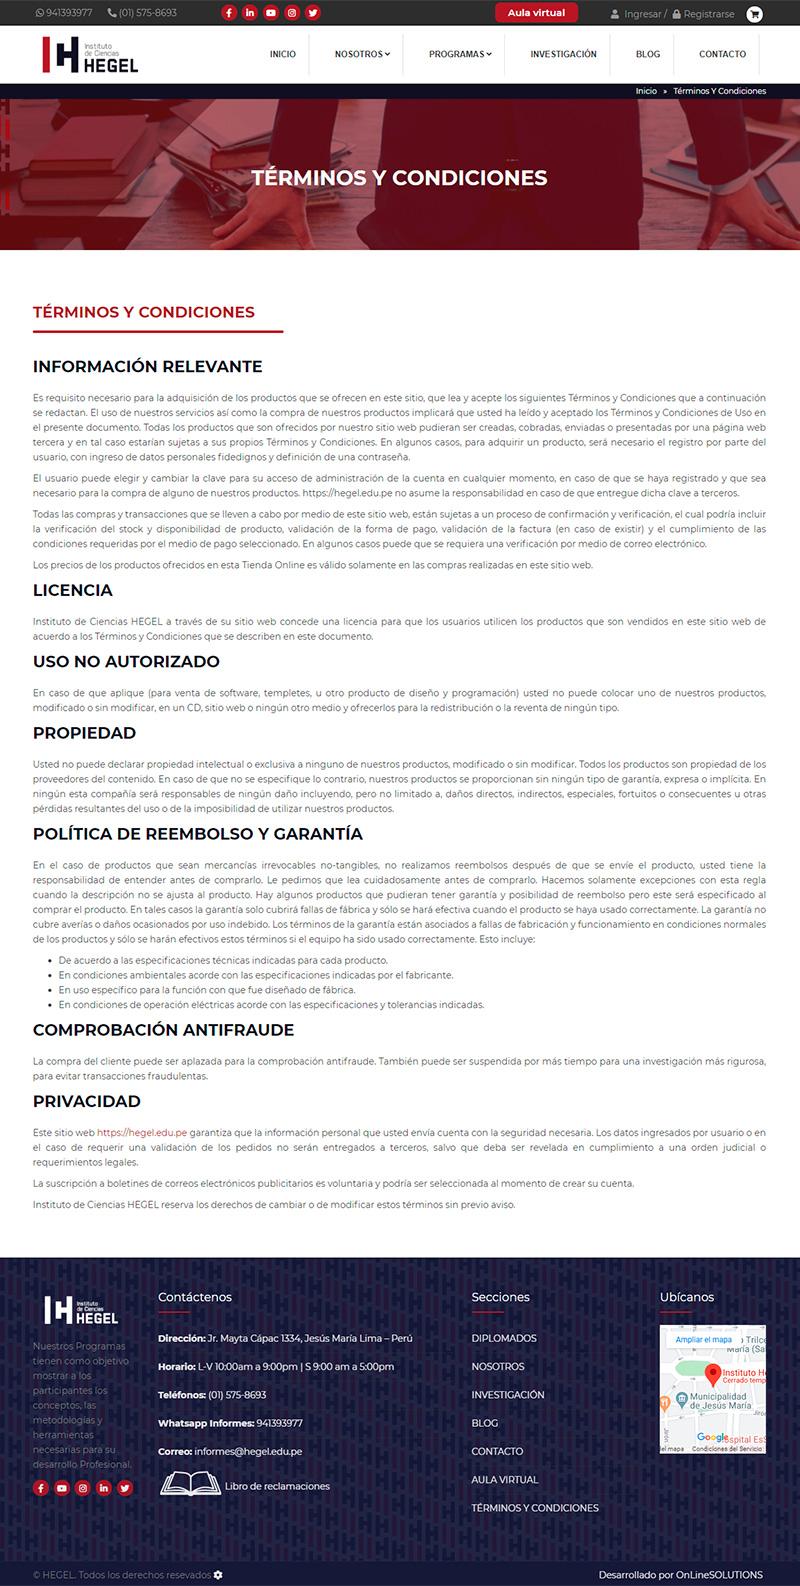 HEGEL-  Terminos y condiciones